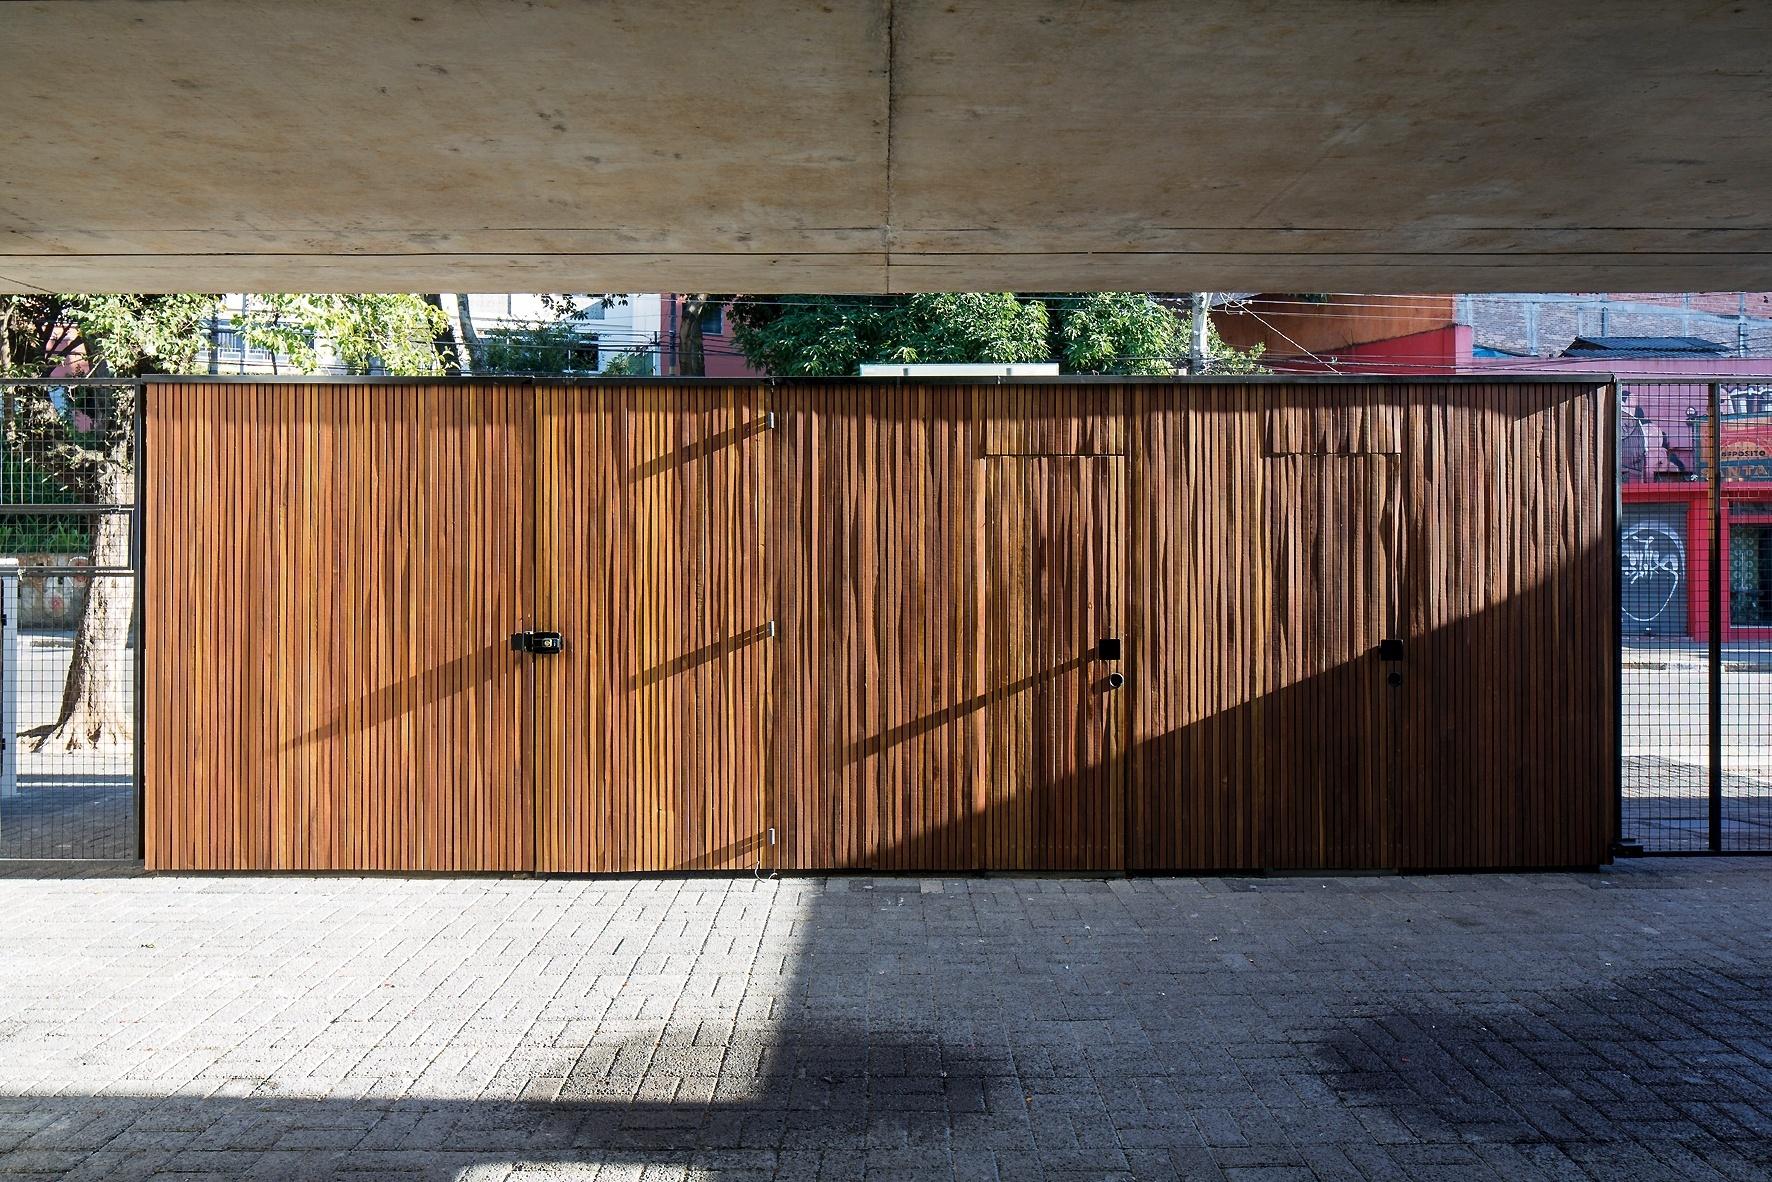 O volume da entrada do Vila Aspicuelta, projetado por Tacoa Arquitetos, abriga vários espaços como portaria, banheiro para os funcionários, hidrômetros e áreas técnicas, além da passagem de pedestres. Em ripas de freijó e com secção quadrada, o bloco contrasta com o concreto predominante da edificação